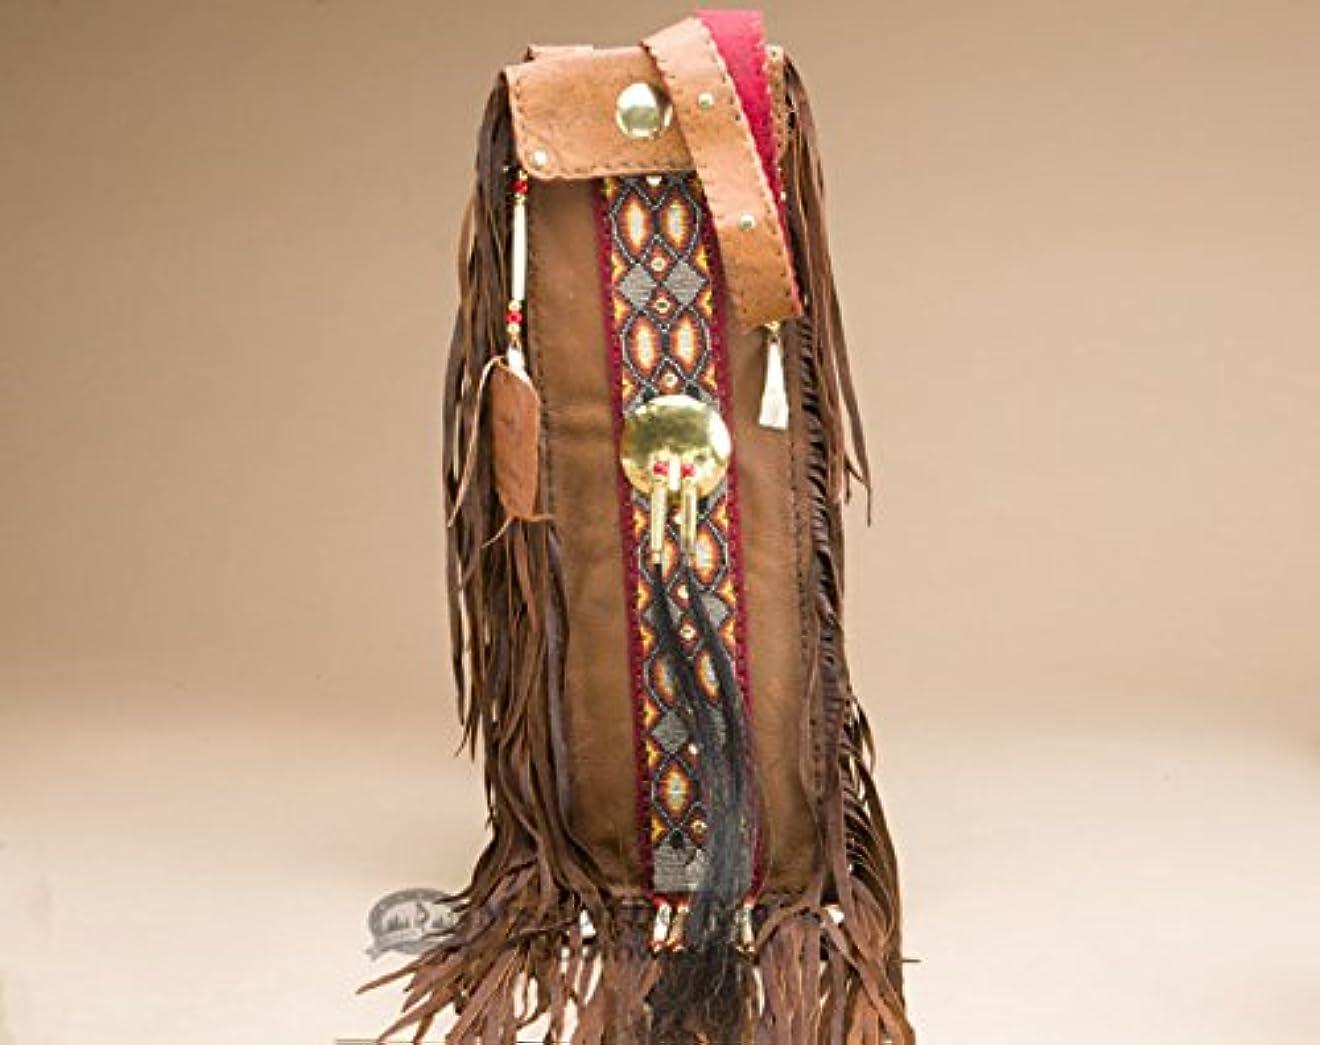 アコードサージ姿を消すNative American Puebloインディアンパイプバッグ6